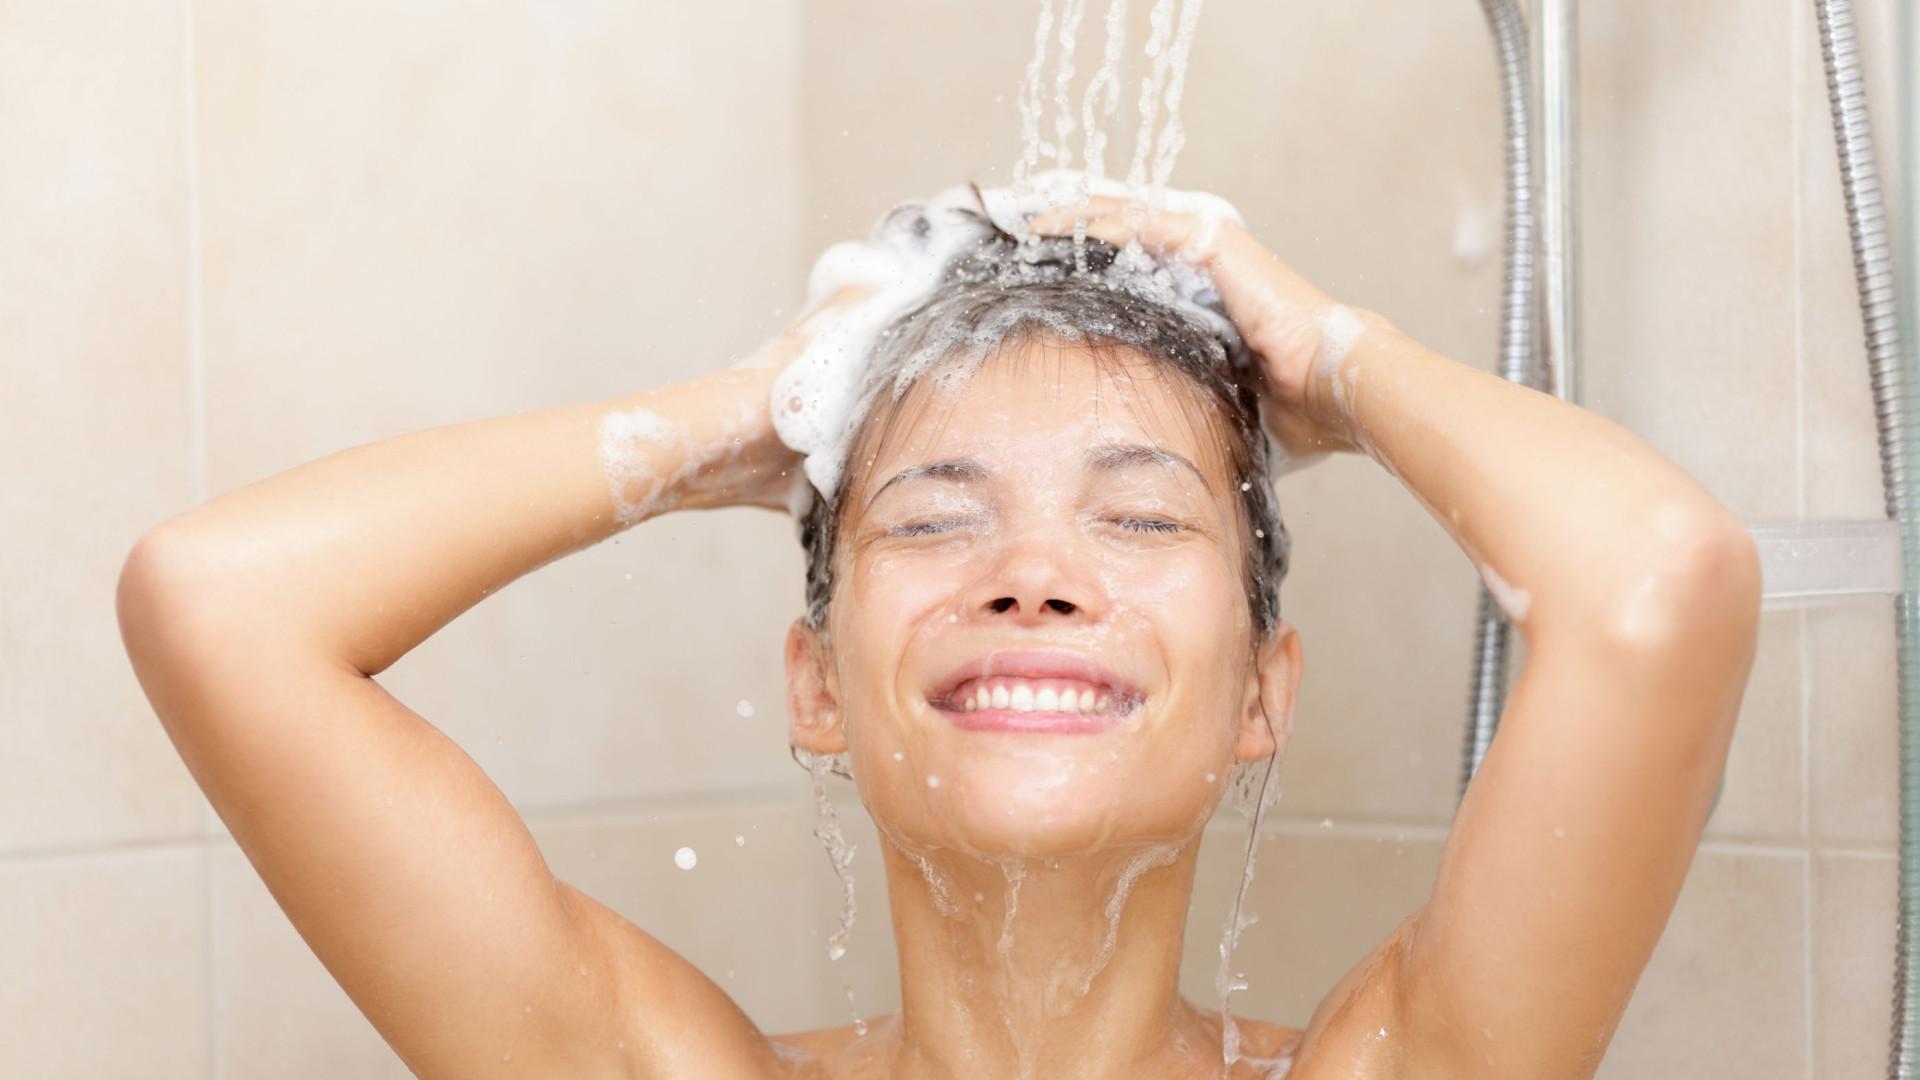 O leitor perguntou: Quantas vezes por semana devo lavar o cabelo?